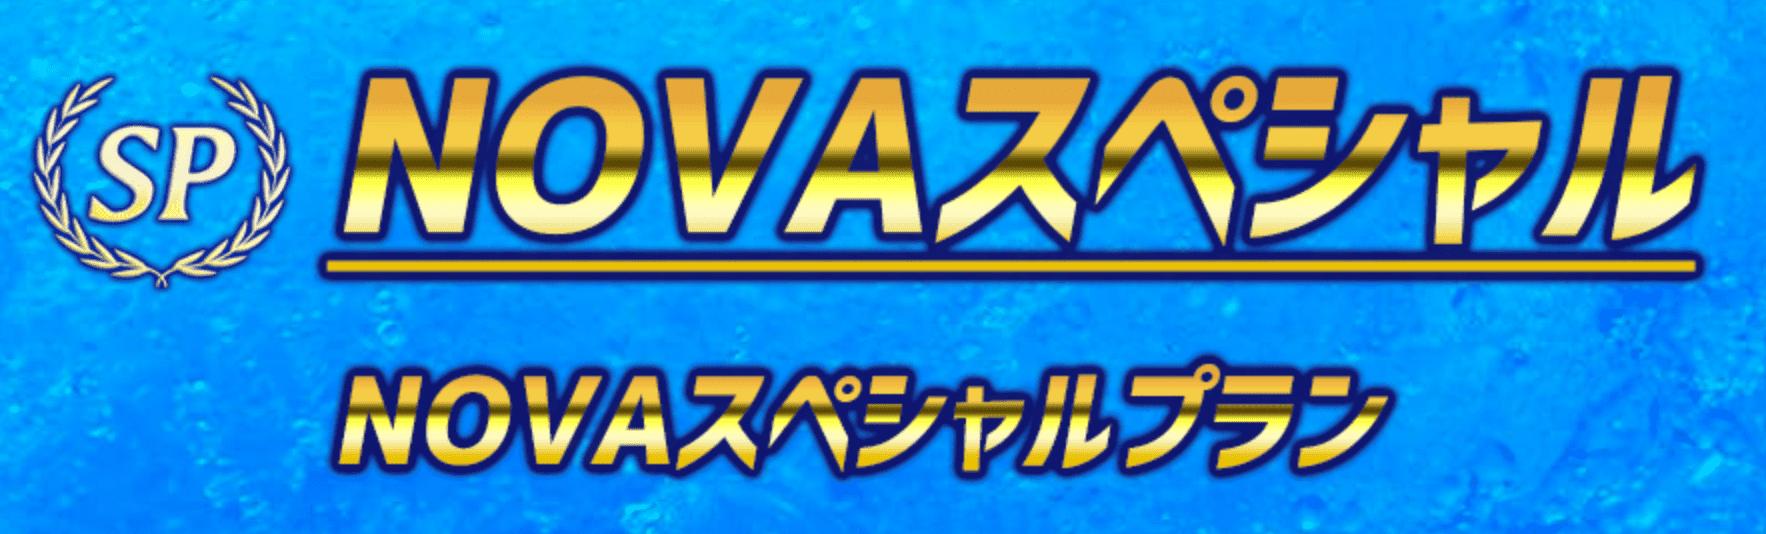 競艇予想NOVAのNOVAスペシャルプラン